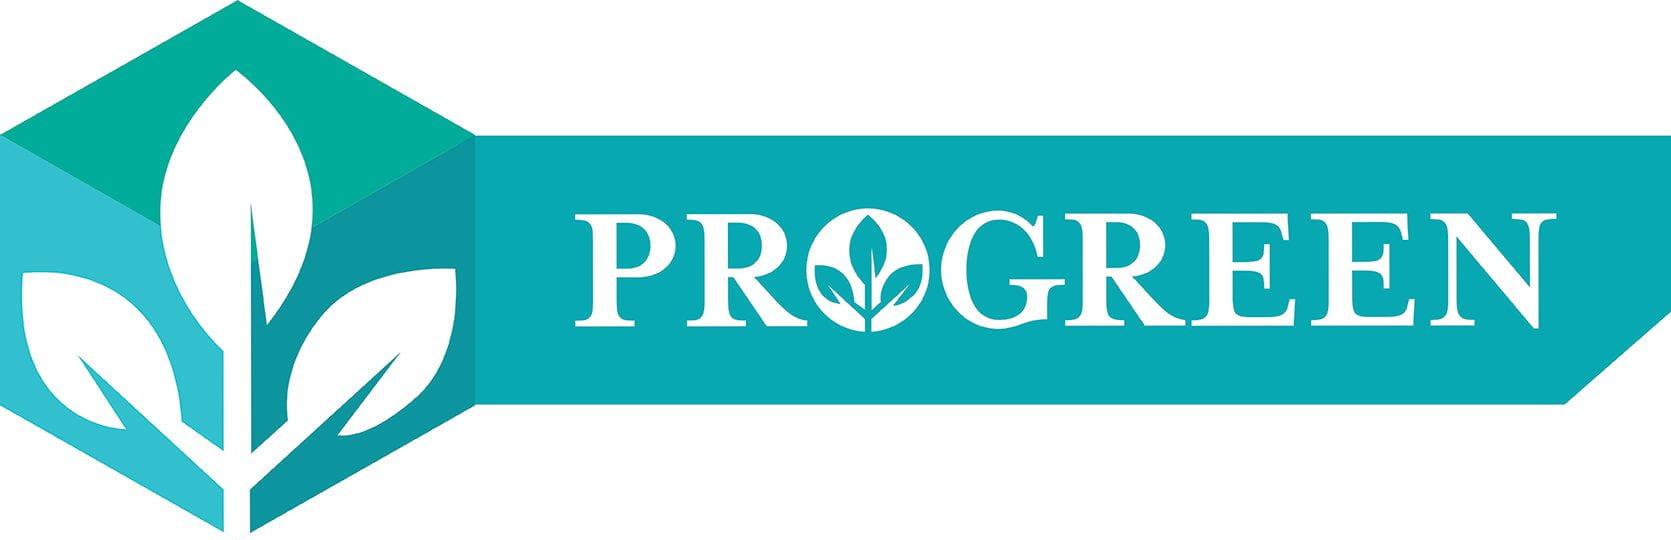 Pro-Green Diploma